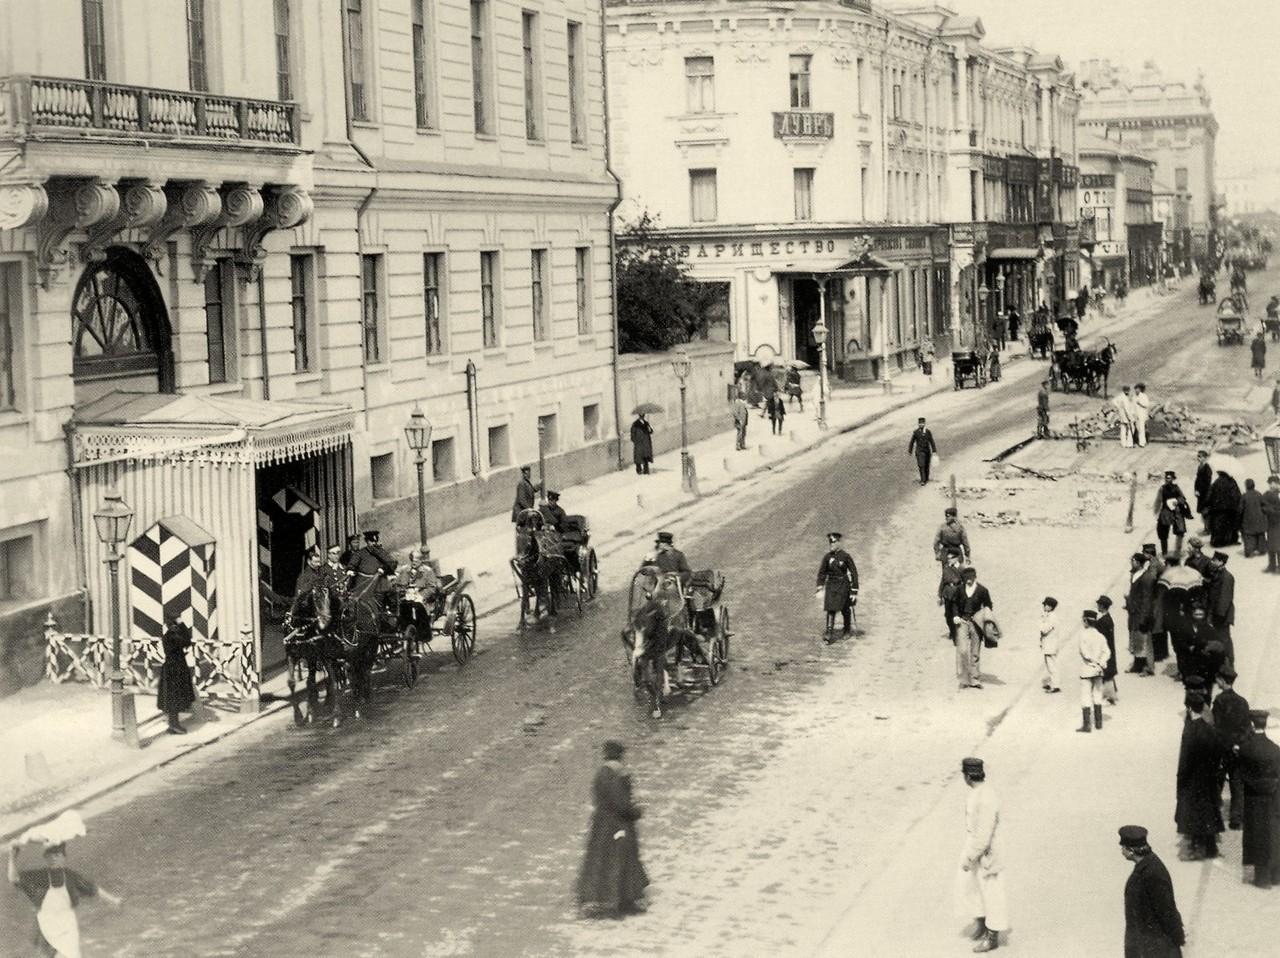 представлены все фото улицы исторической москвы участвовал дебальцевской